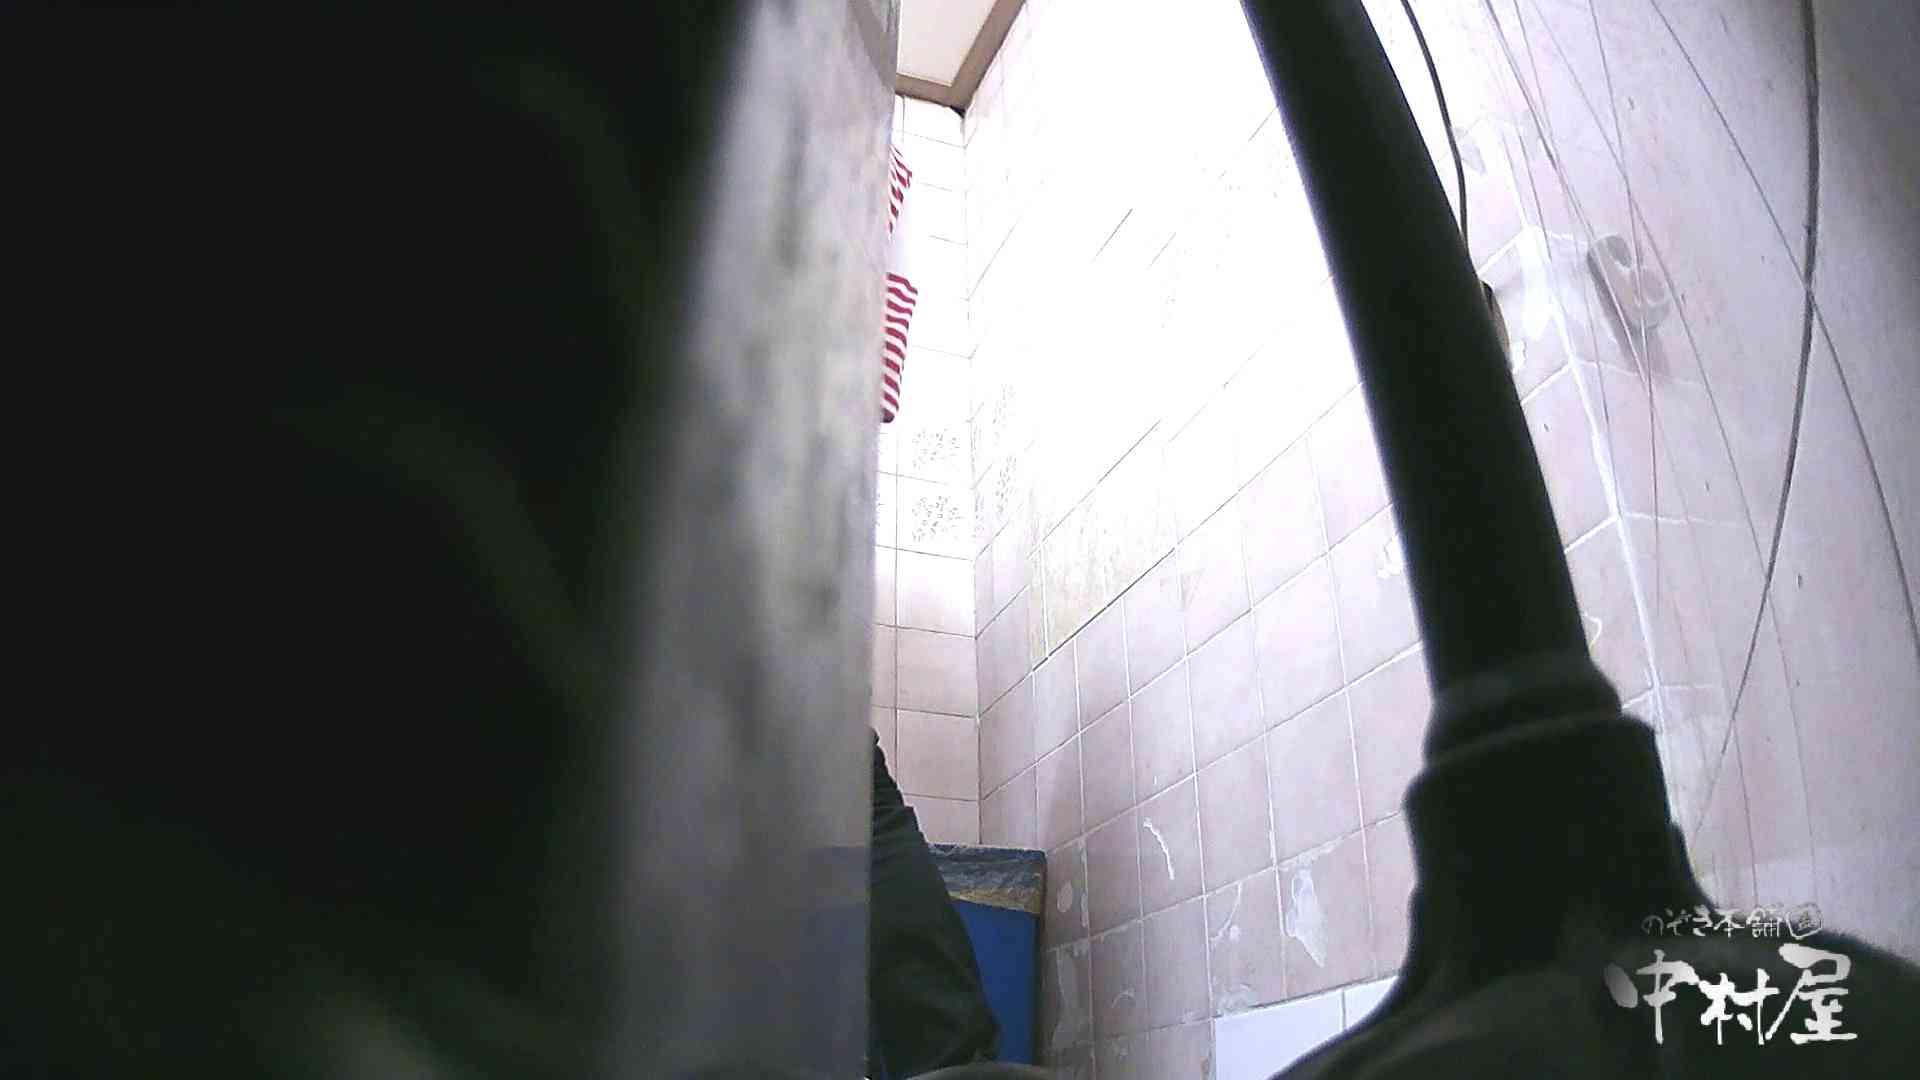 韓流トイレ盗撮vol.10 盗撮シリーズ エロ画像 79PIX 58